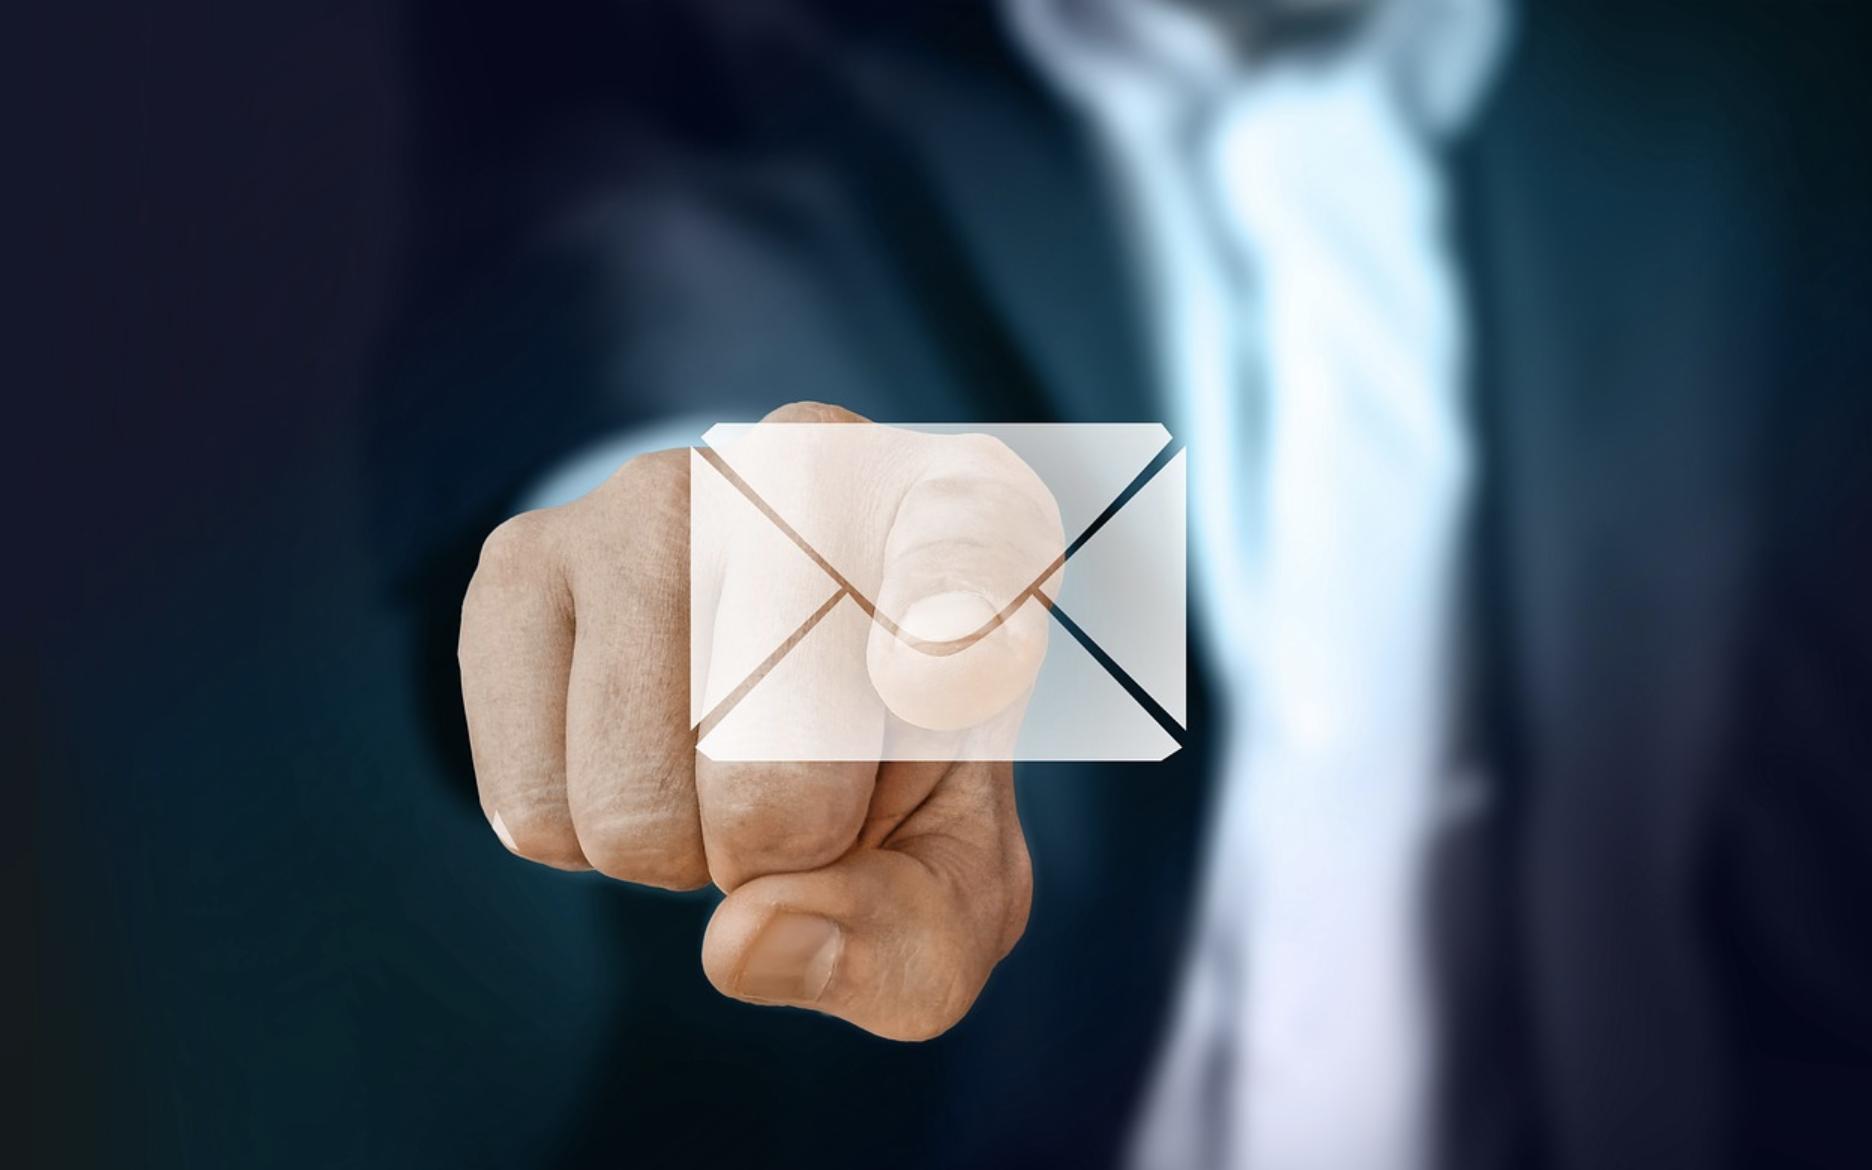 メール返信の基本マナー